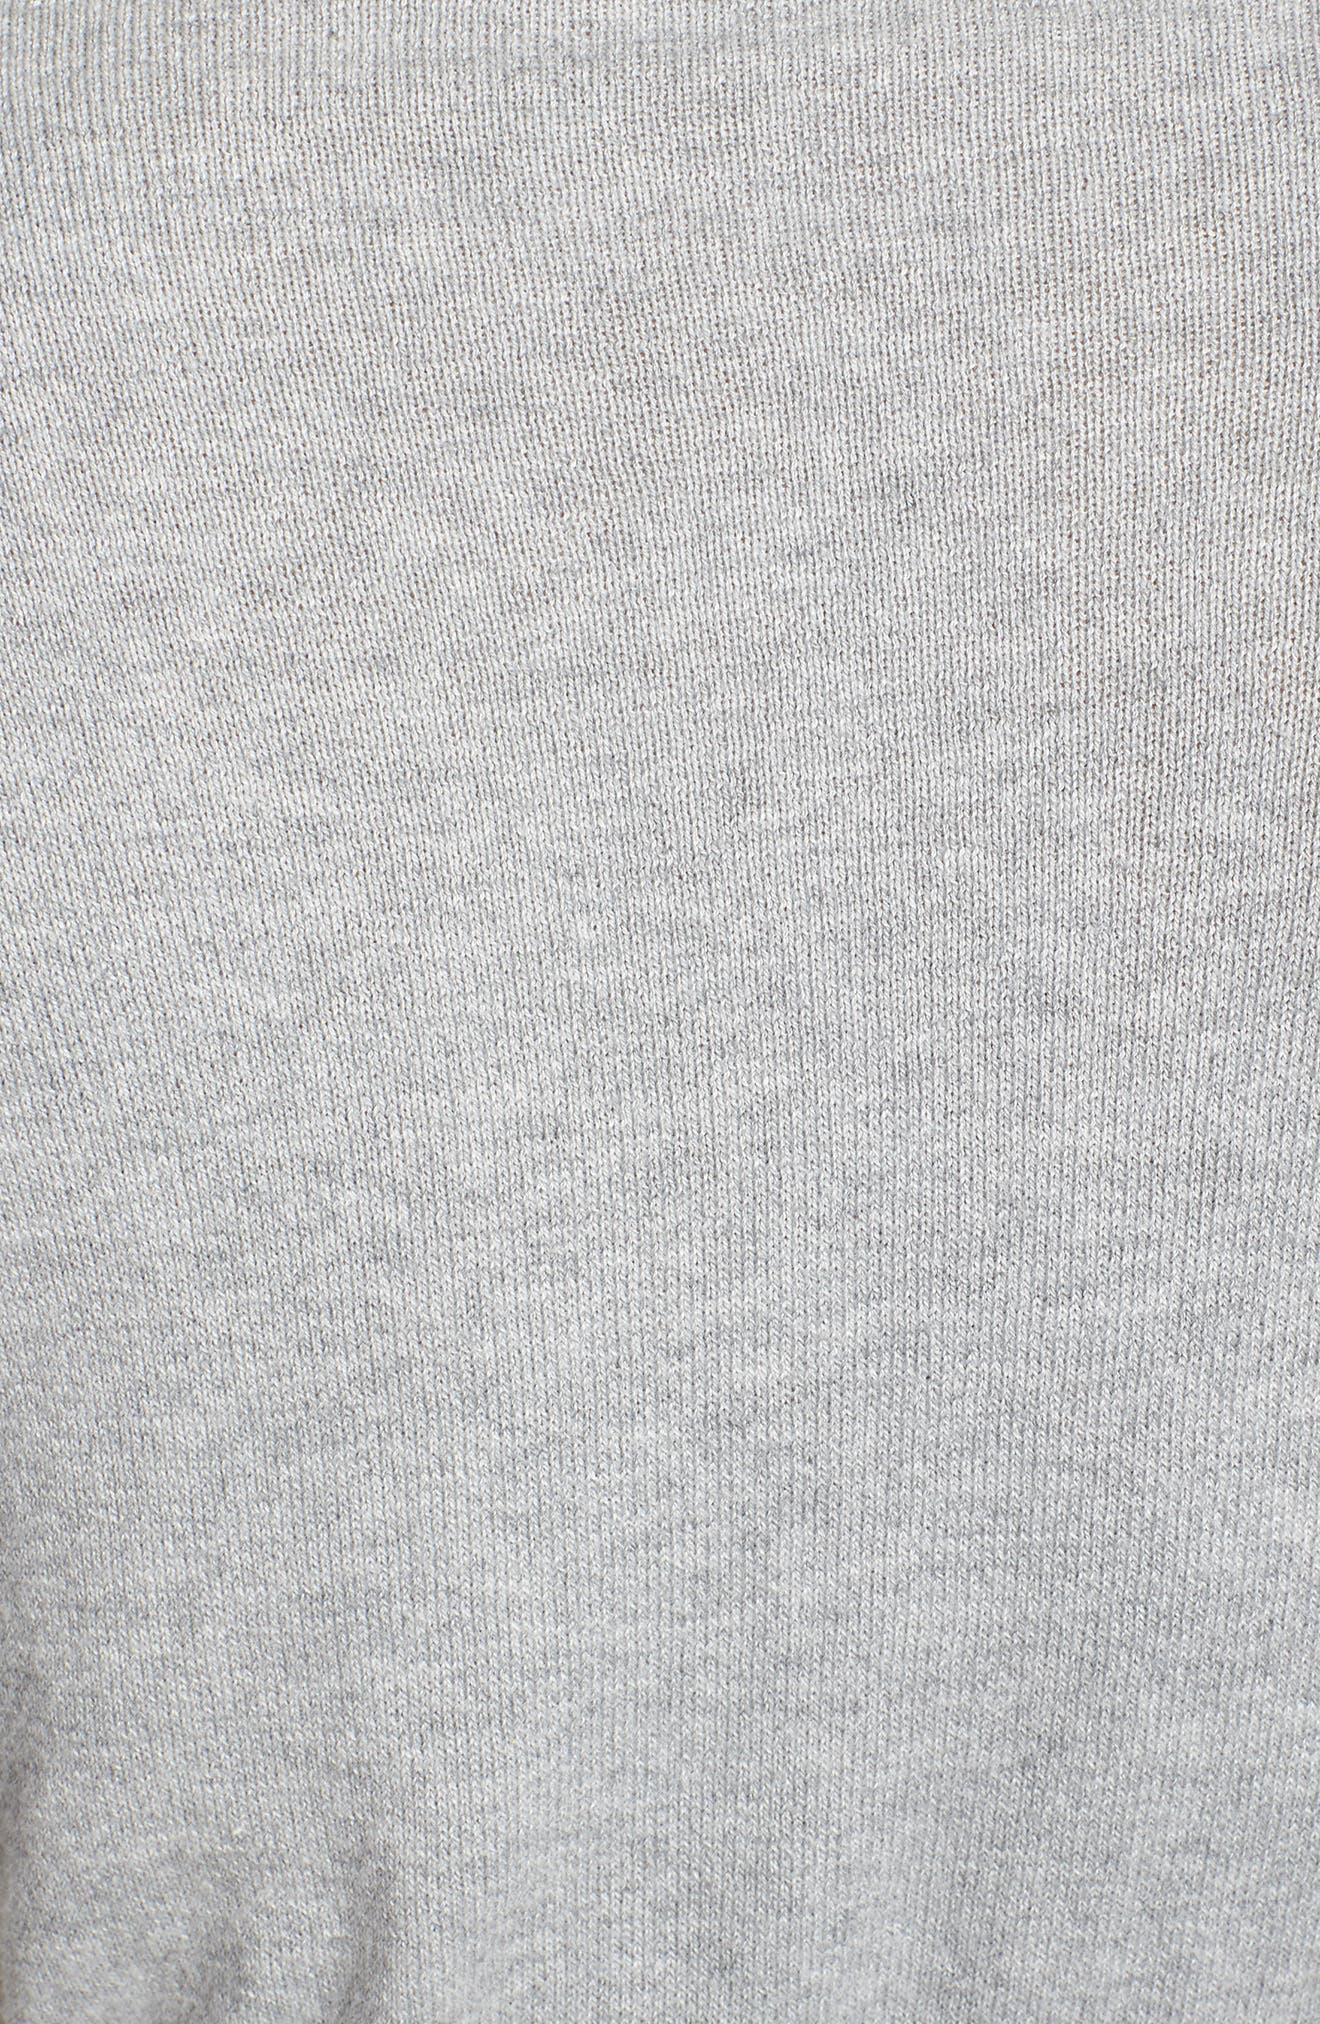 Valoria Short Robe,                             Alternate thumbnail 5, color,                             020